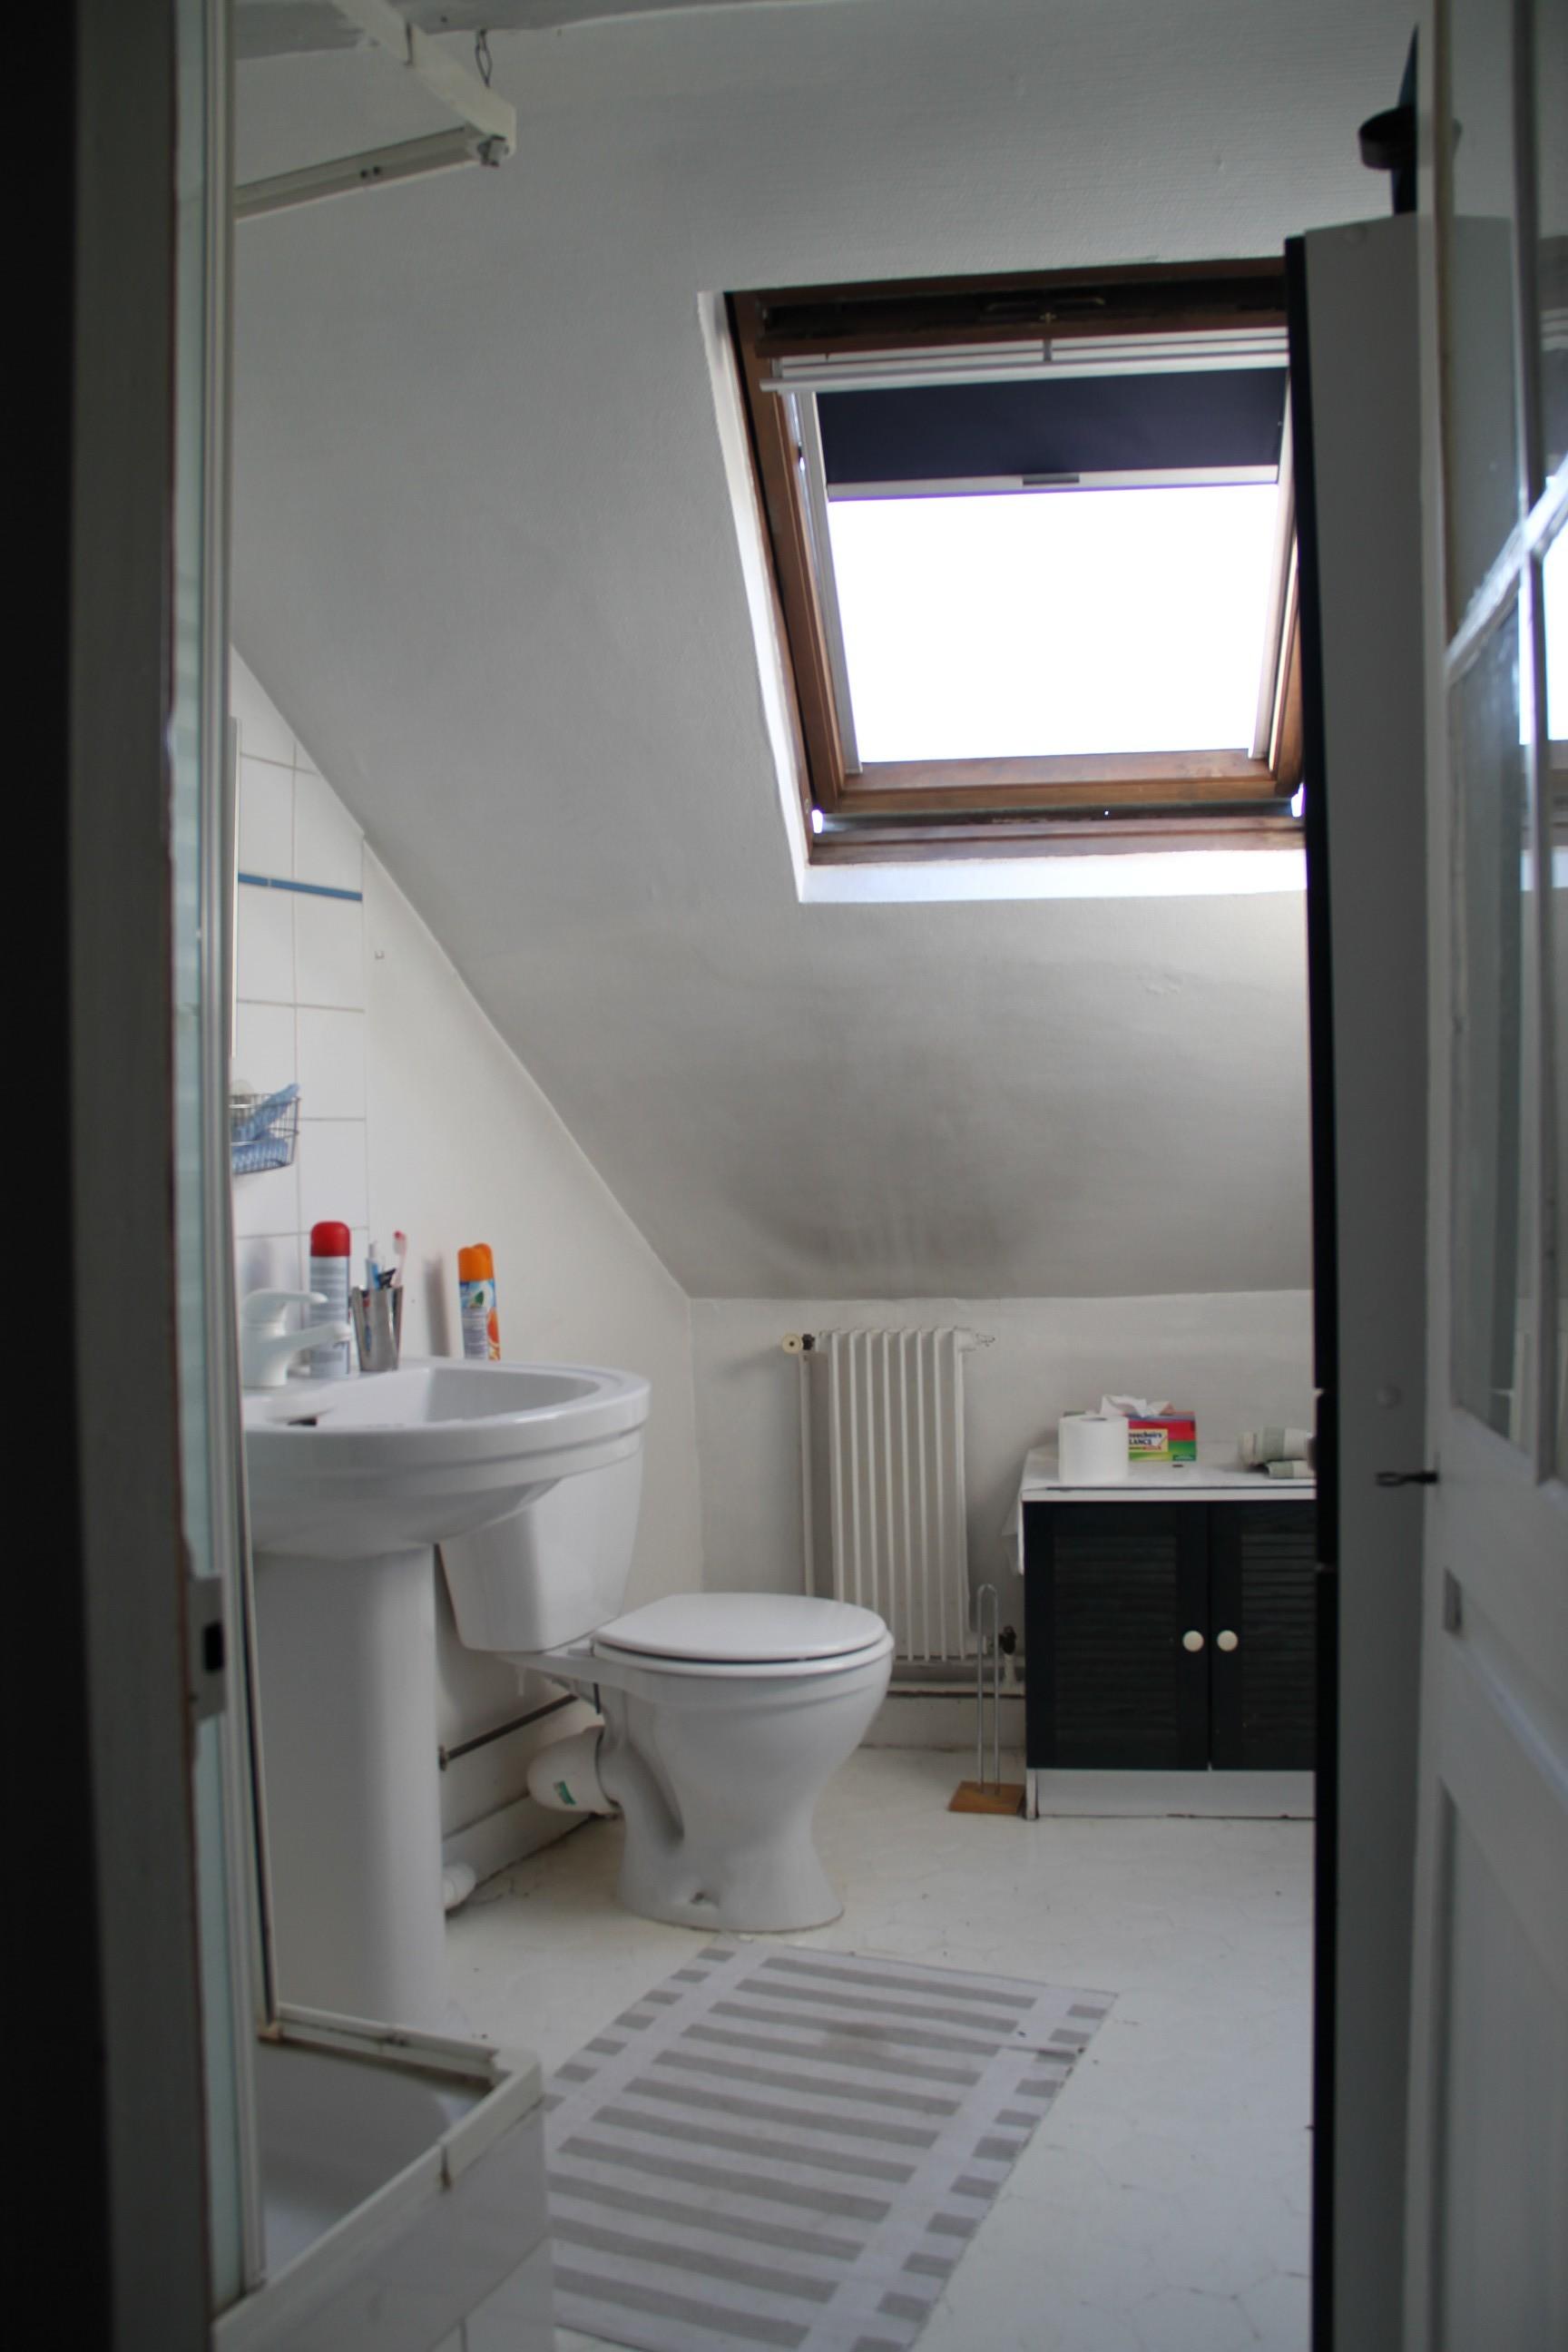 Chambre chez l 39 habitant location chambres rouen - Chambre chez l habitant quimper ...